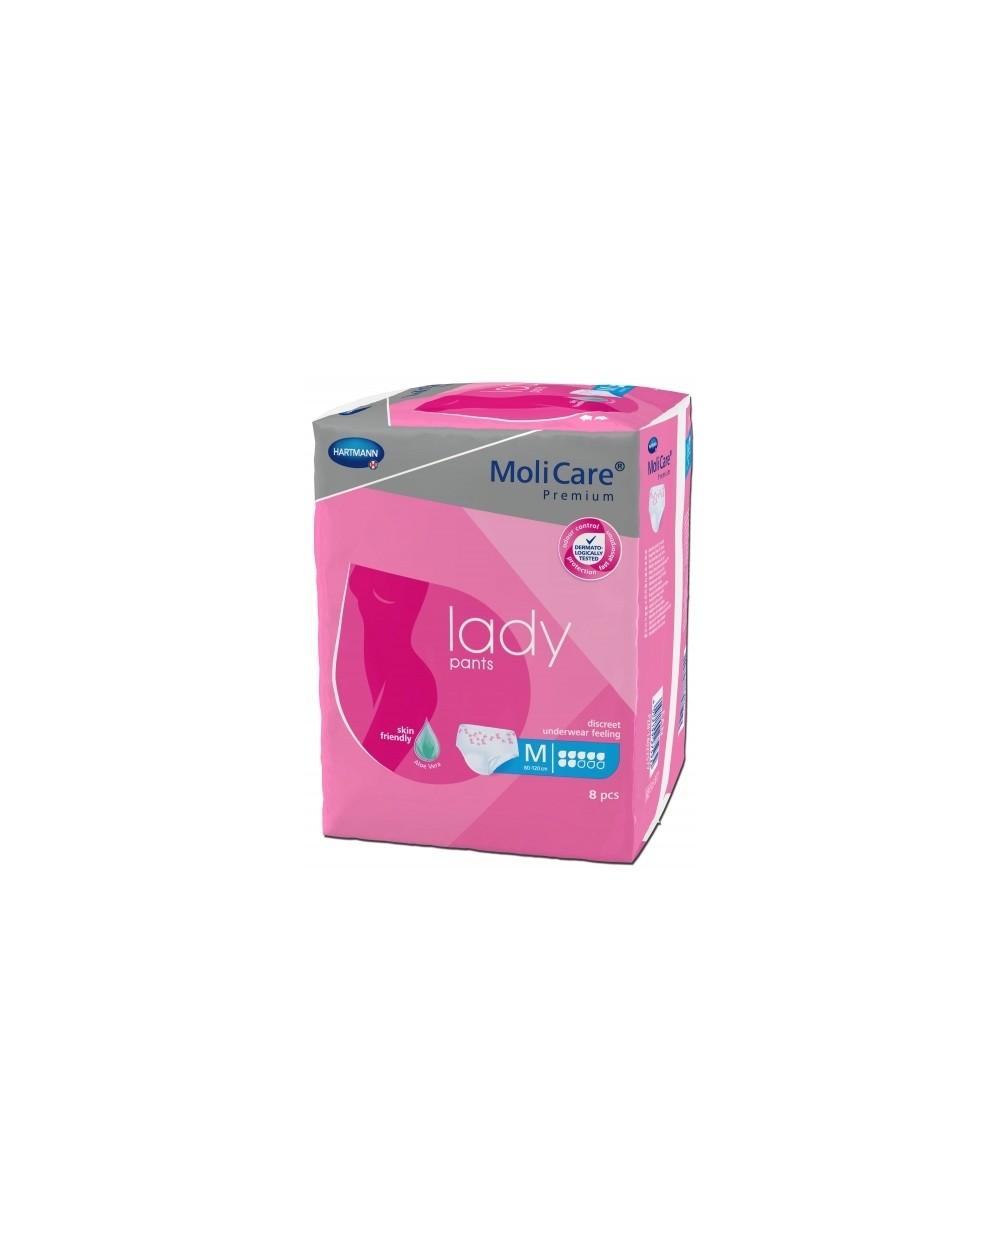 Hartmann Molicare Premium Lady Pants 7 gouttes Medium - 8 protections